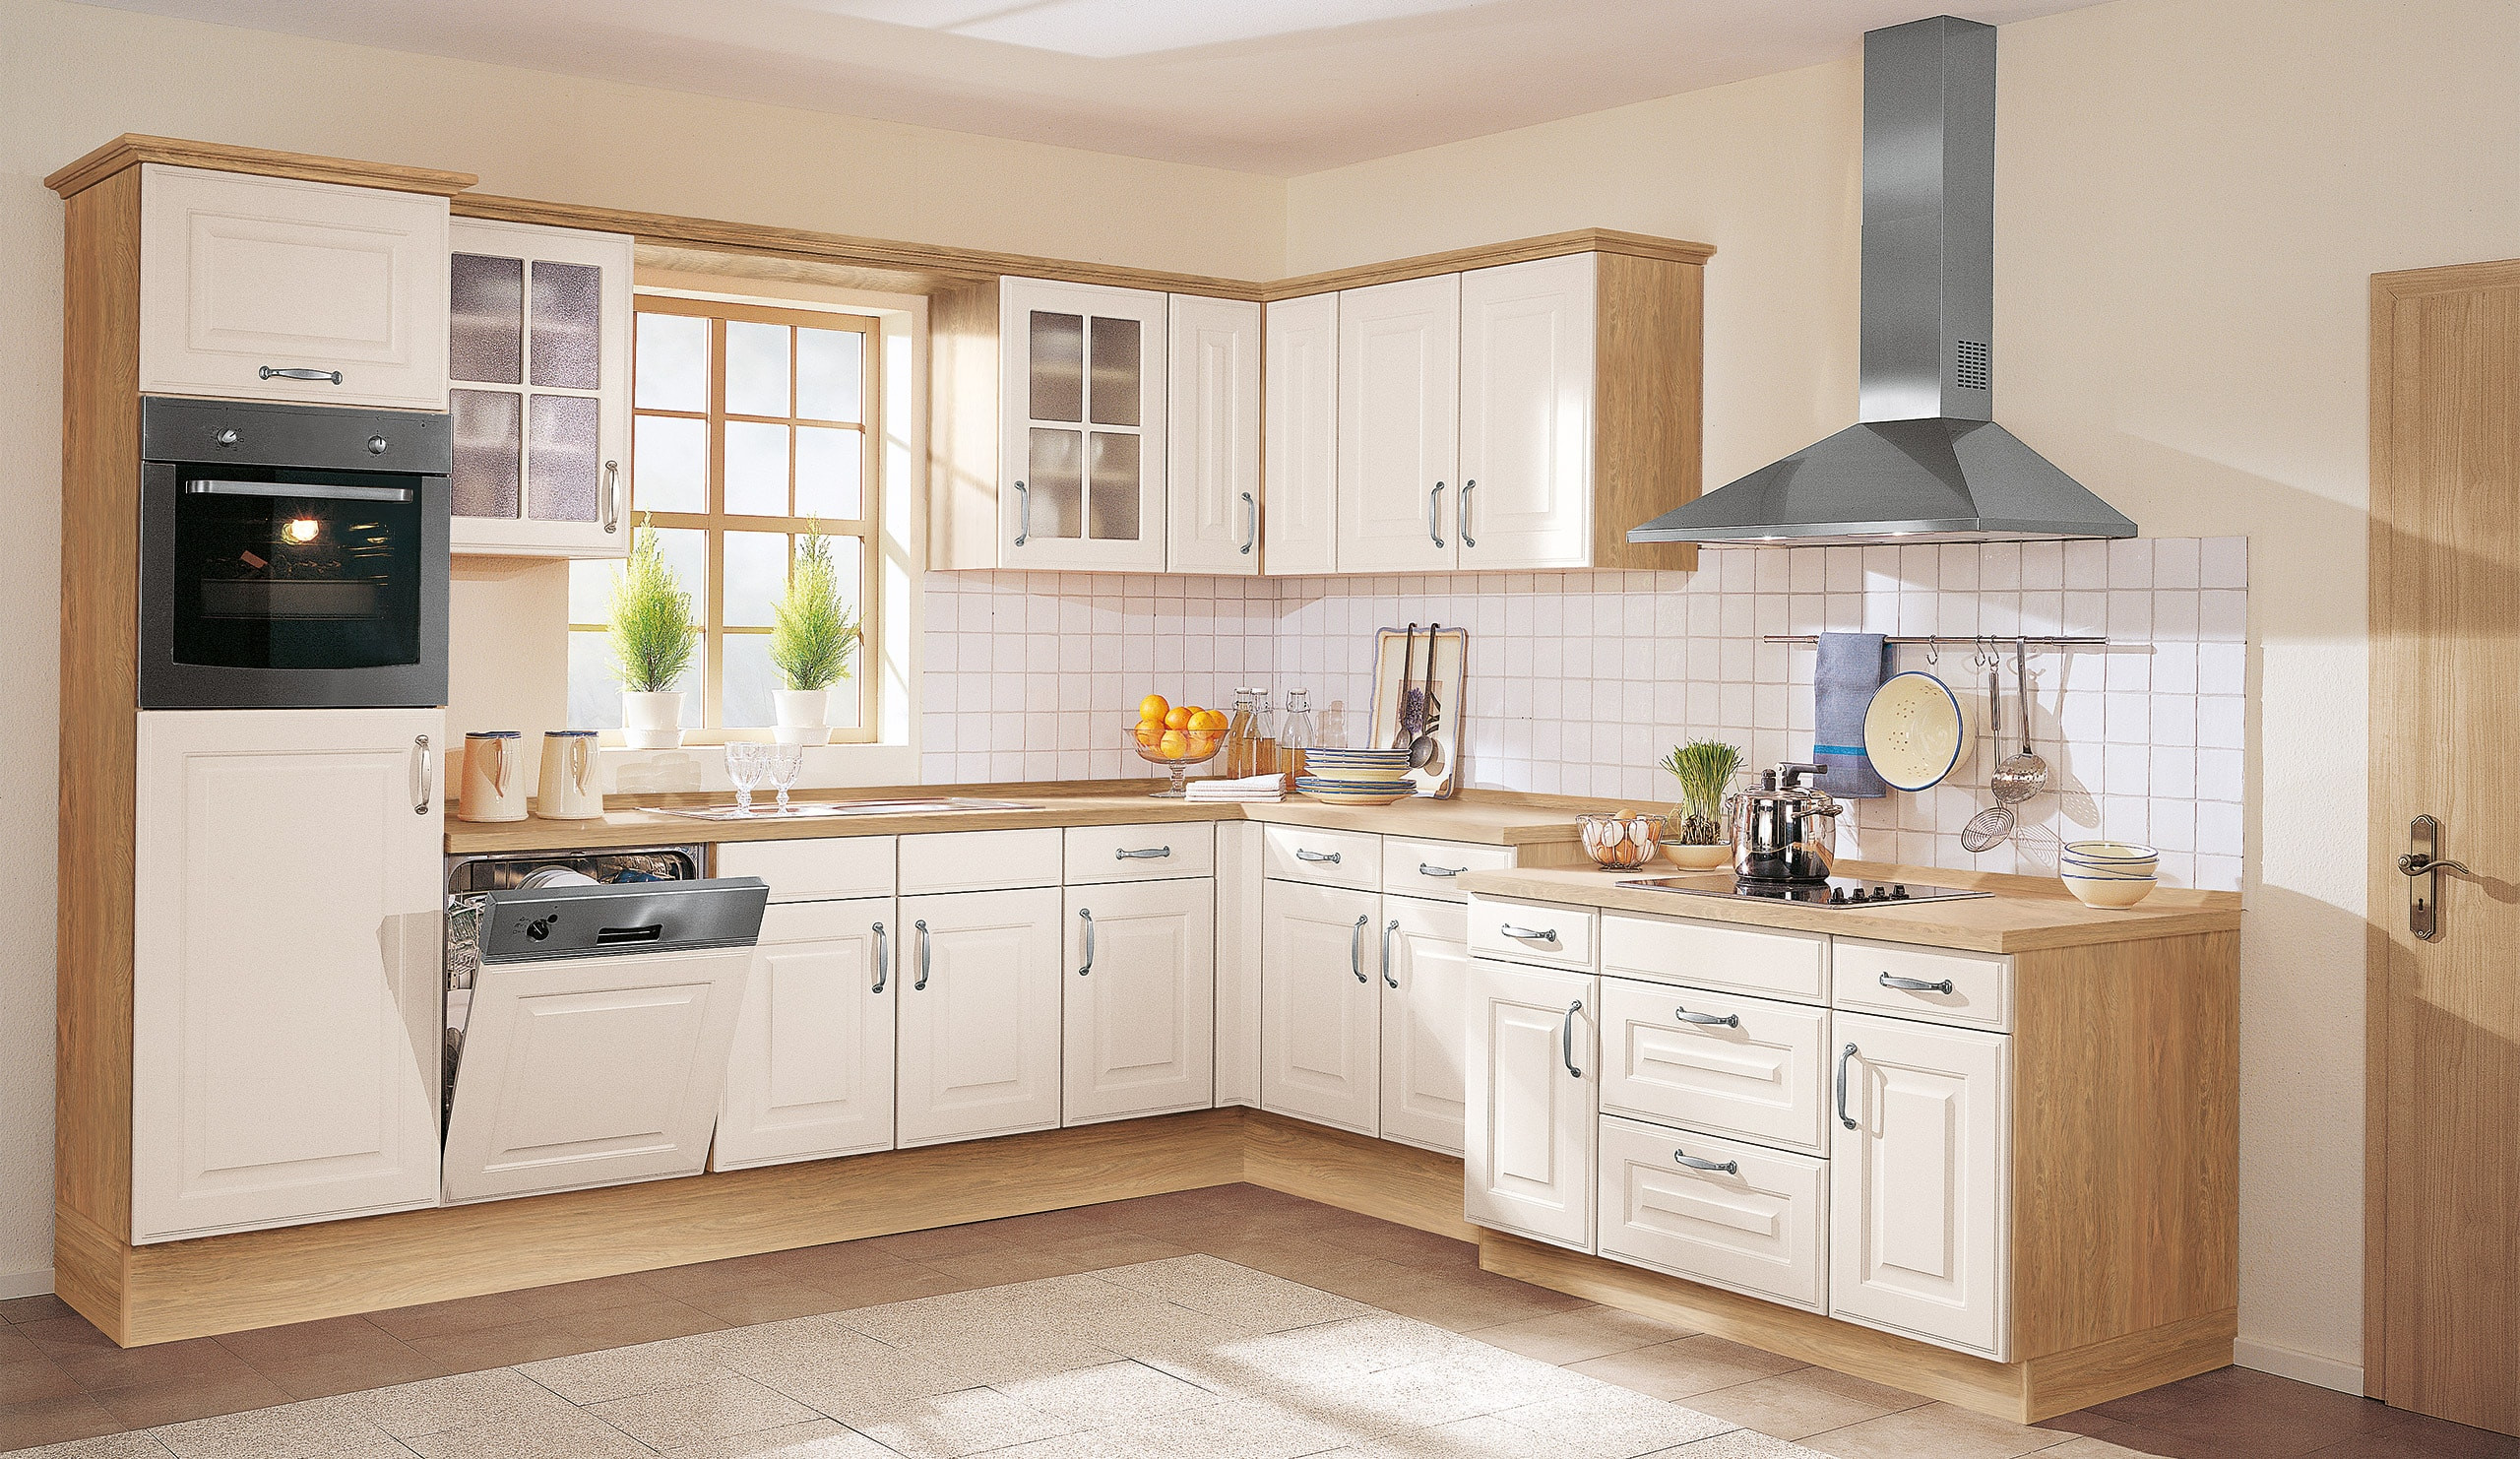 Küche Quelle  Landhaus Einbauküche Wermona 4428 Magnolienweiss Küchen